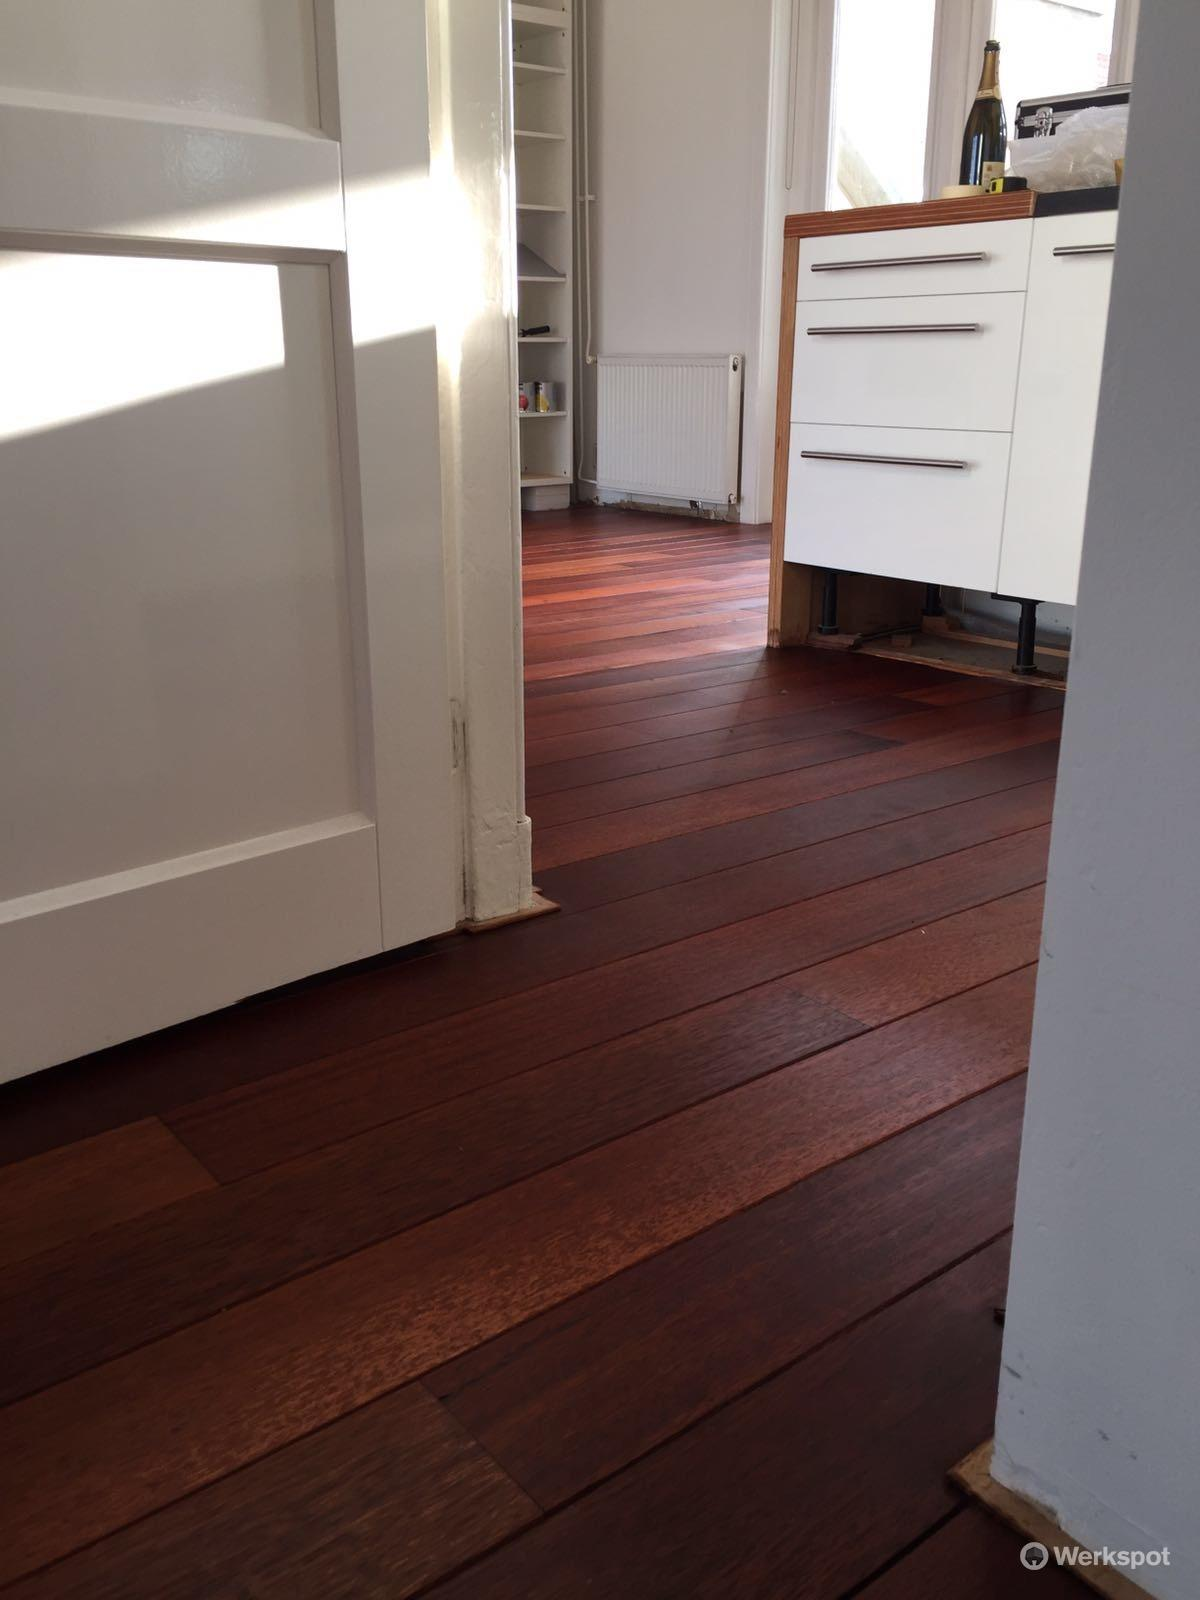 schuren en olià n merbau houten vloerdelen werkspot